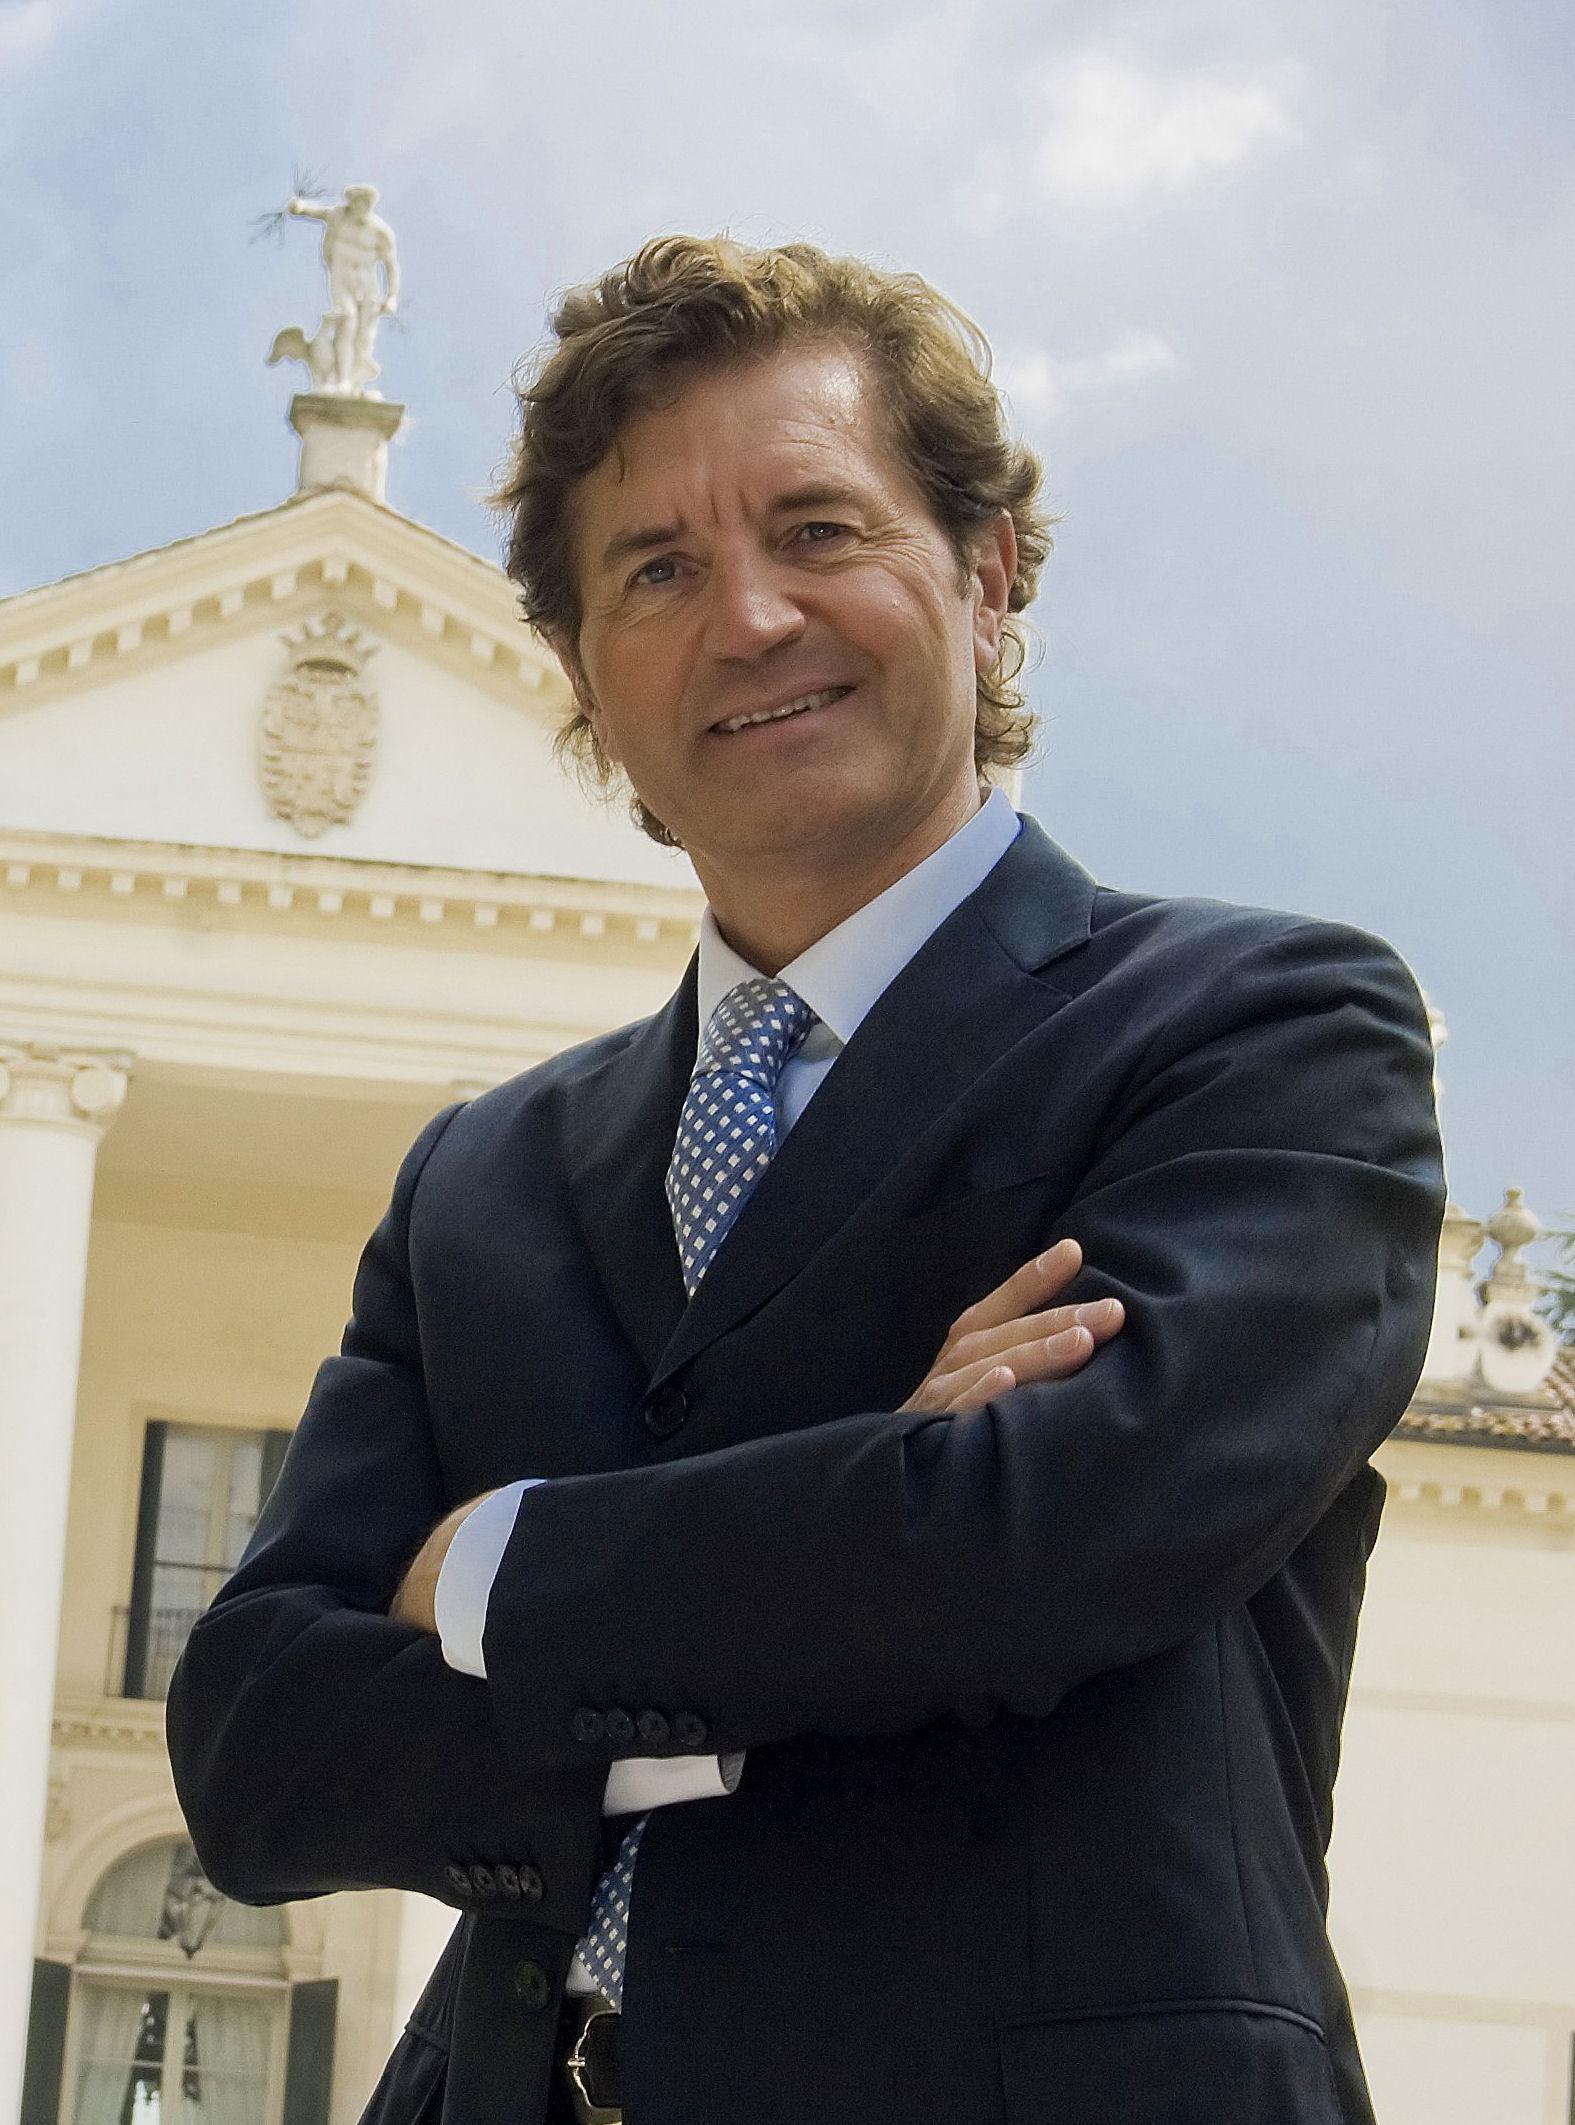 giancarlo-moretti-polegato-1